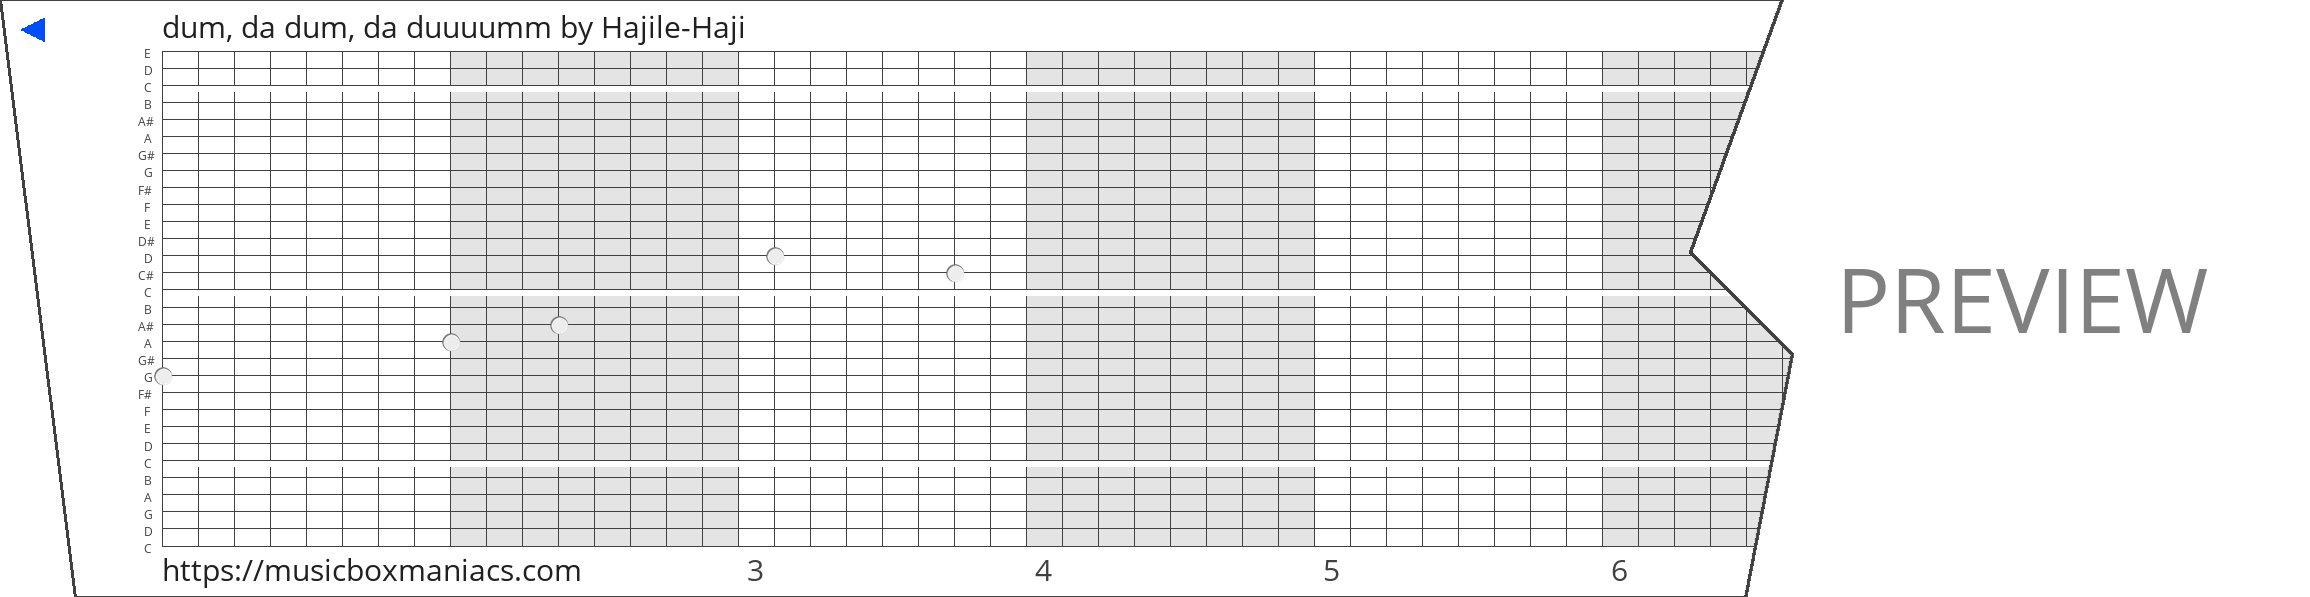 dum, da dum, da duuuumm 30 note music box paper strip